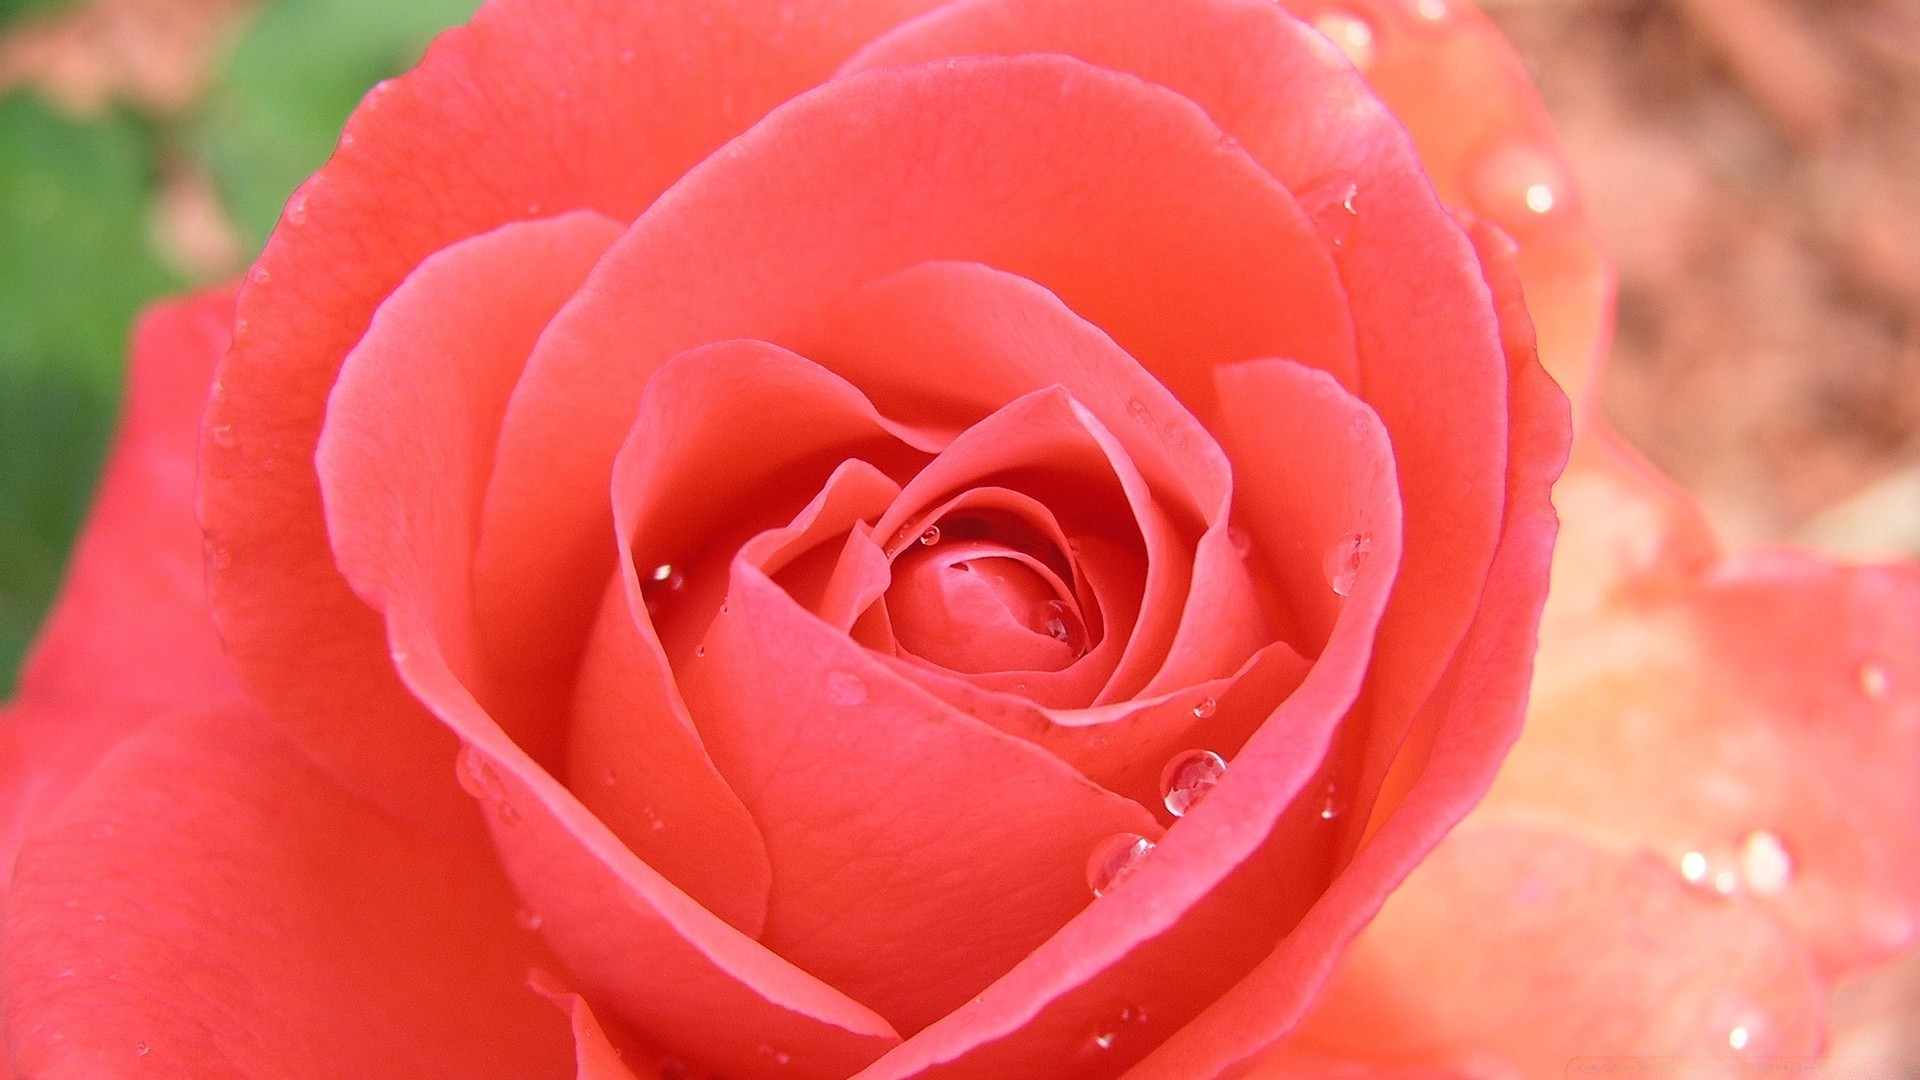 Обои на рабочий стол широкоформатные розы